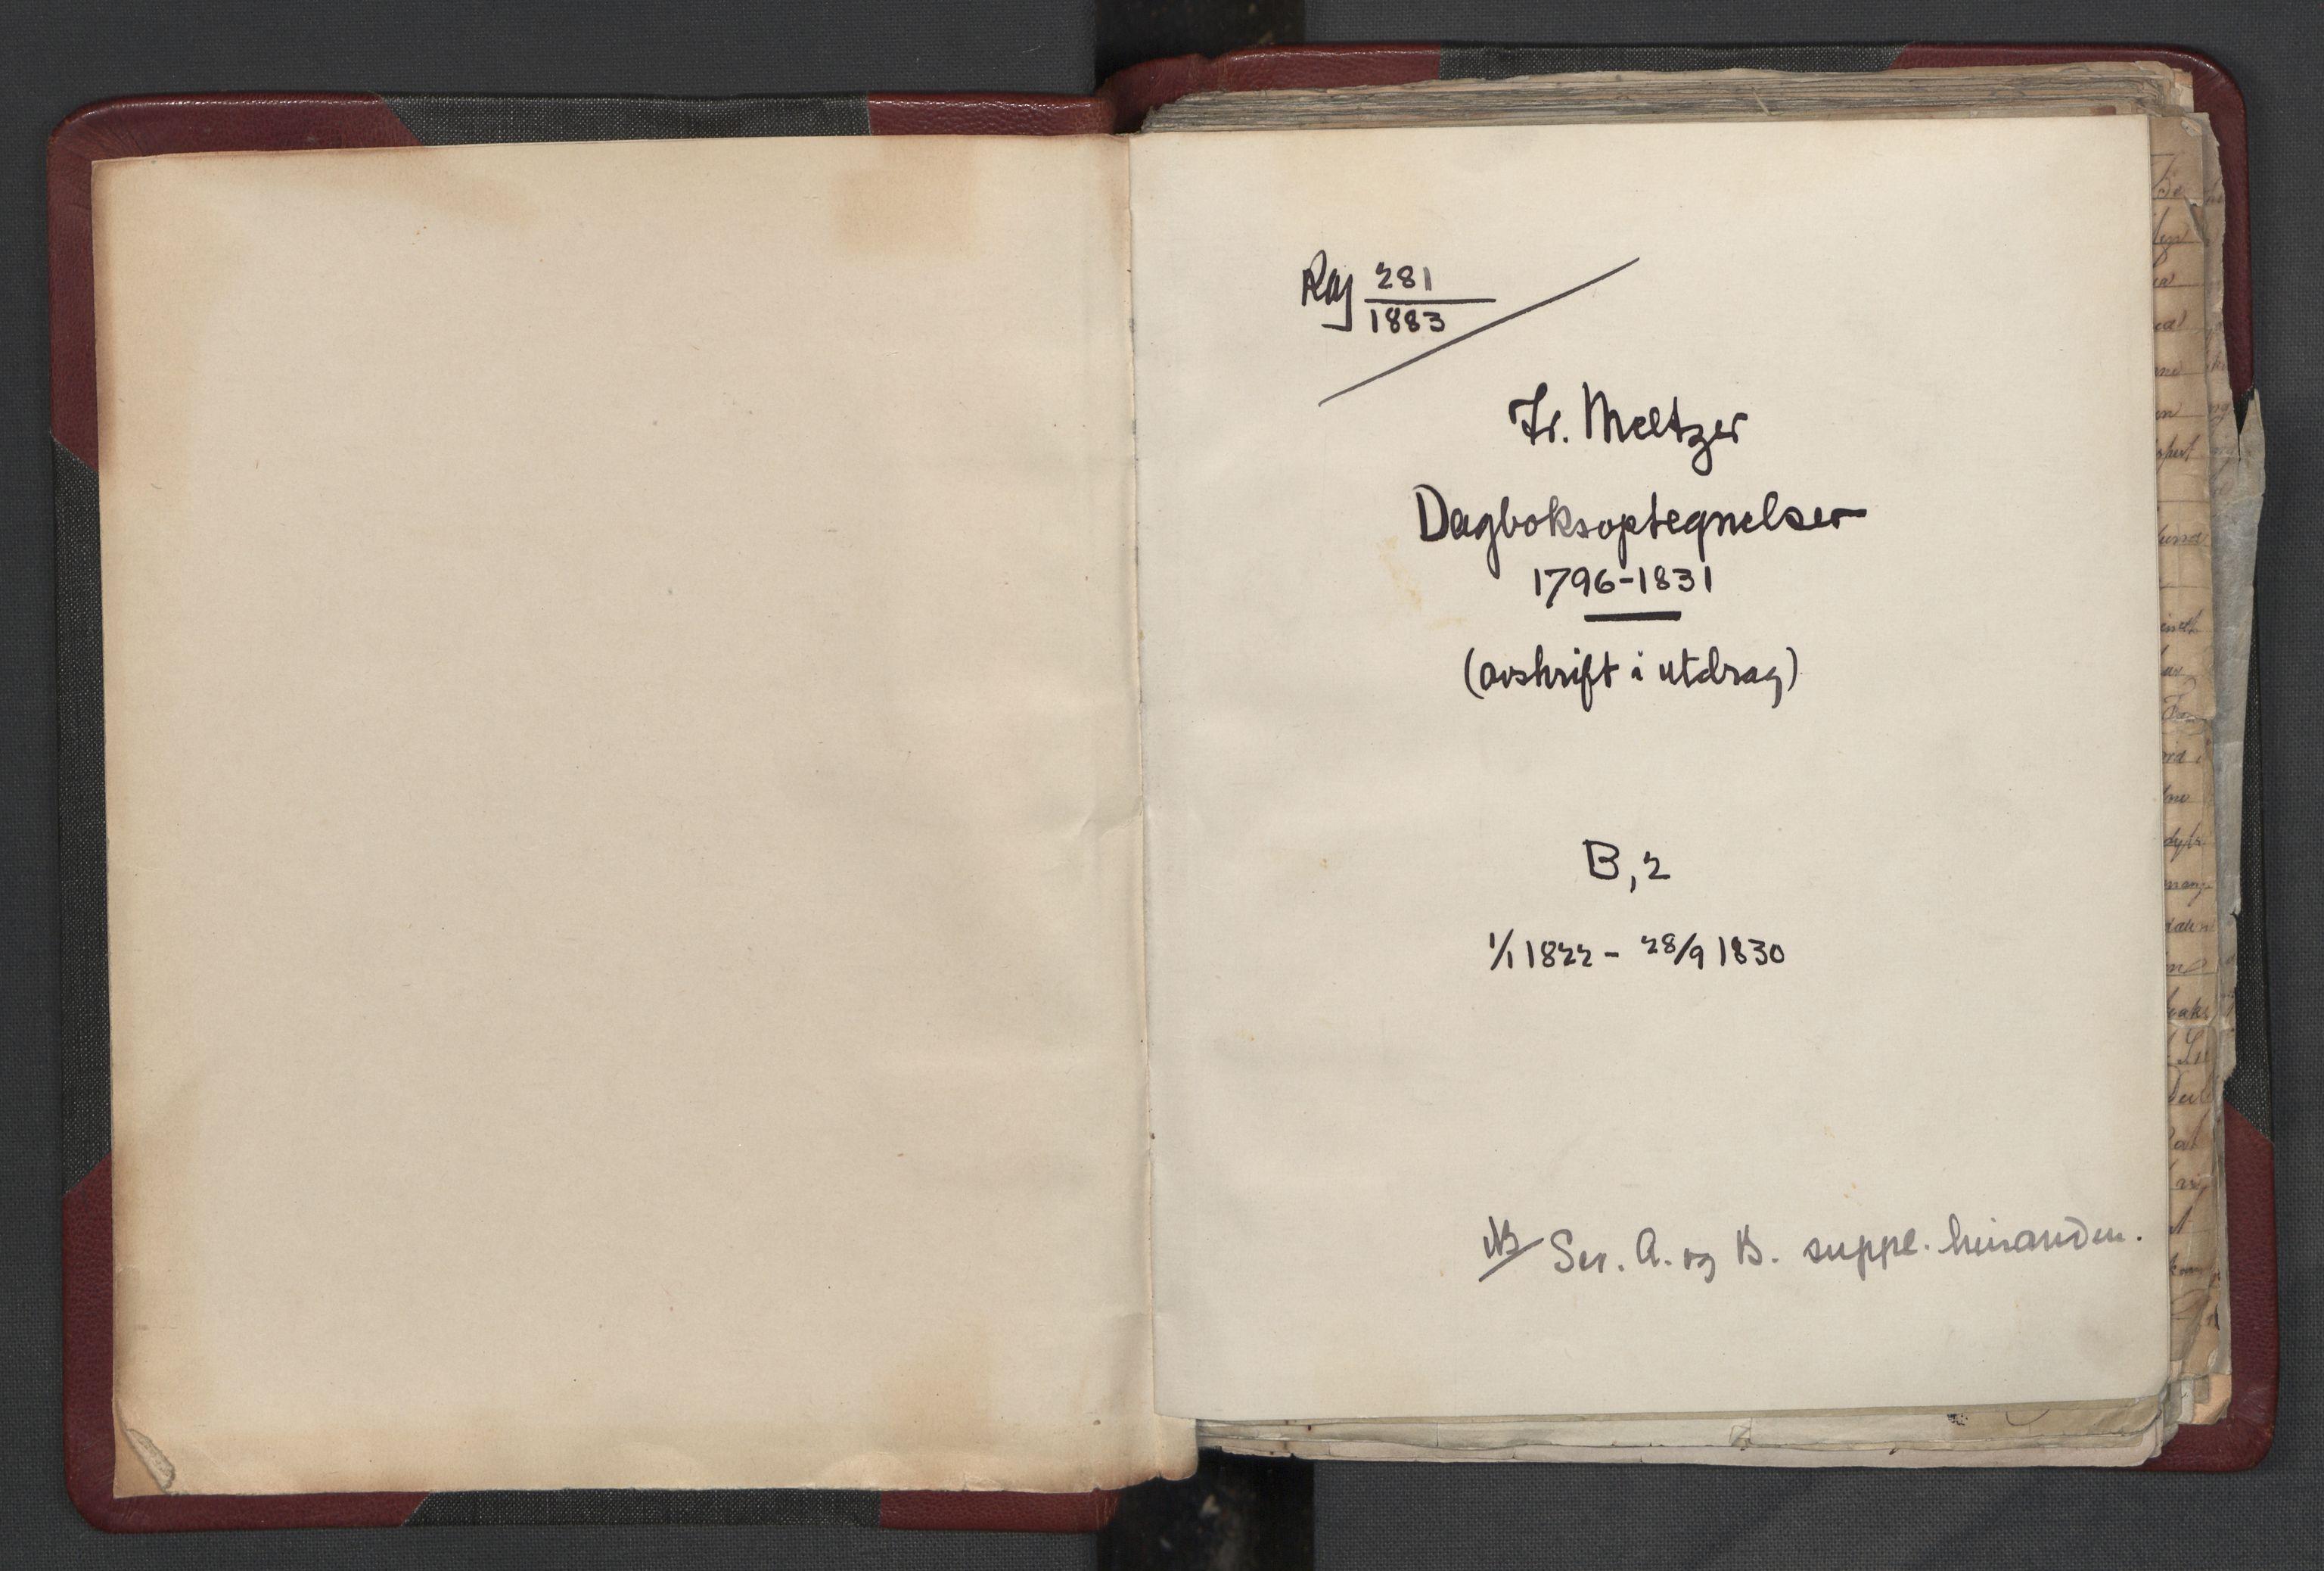 RA, Meltzer, Fredrik, F/L0004: Dagbok, 1822-1830, s. upaginert